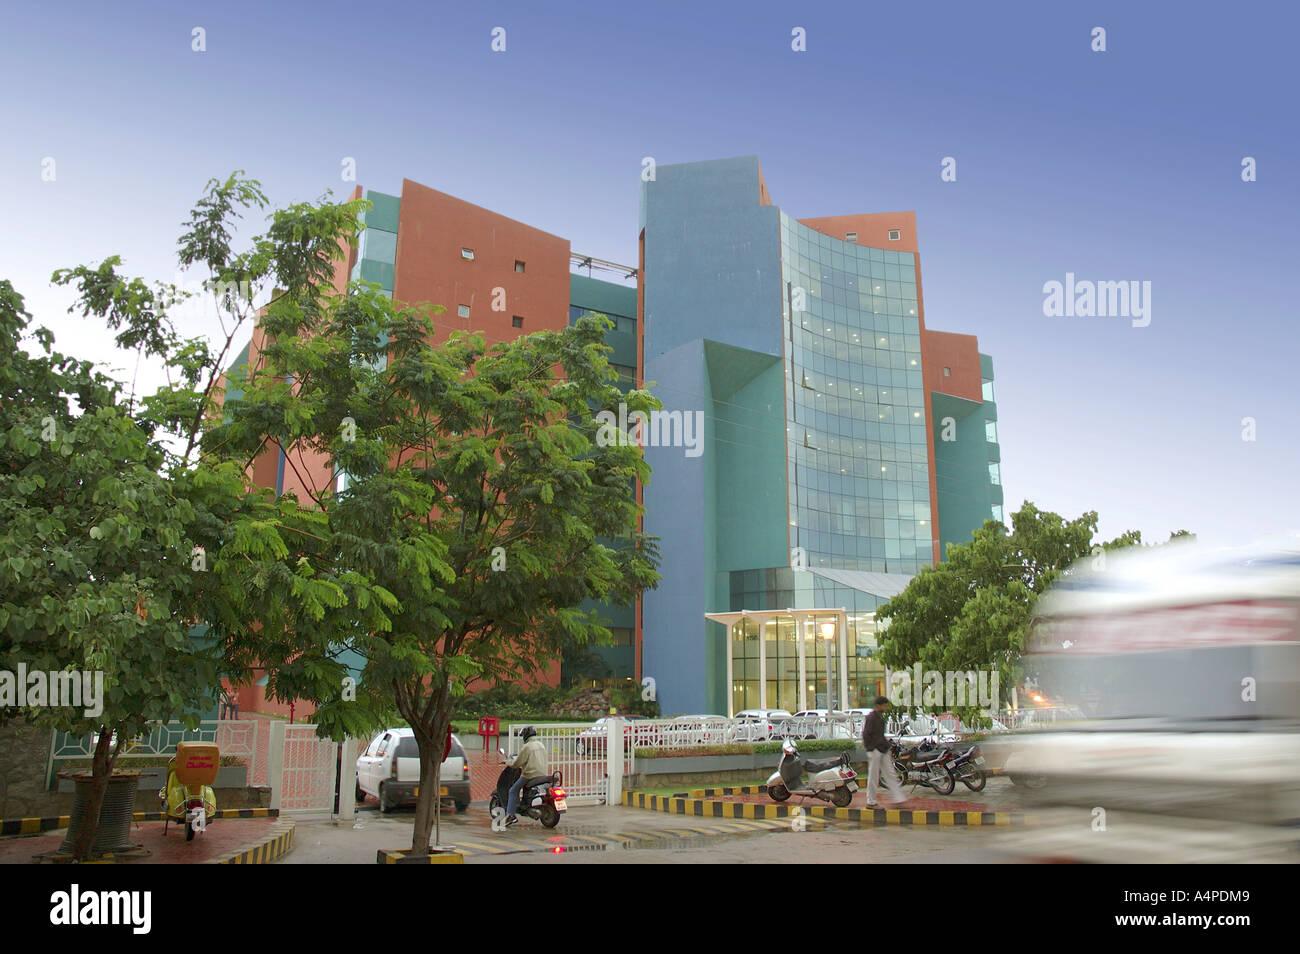 ANG77661 edificio moderno a Hi-tech Hydrabad città di Andhra Pradesh in India Immagini Stock